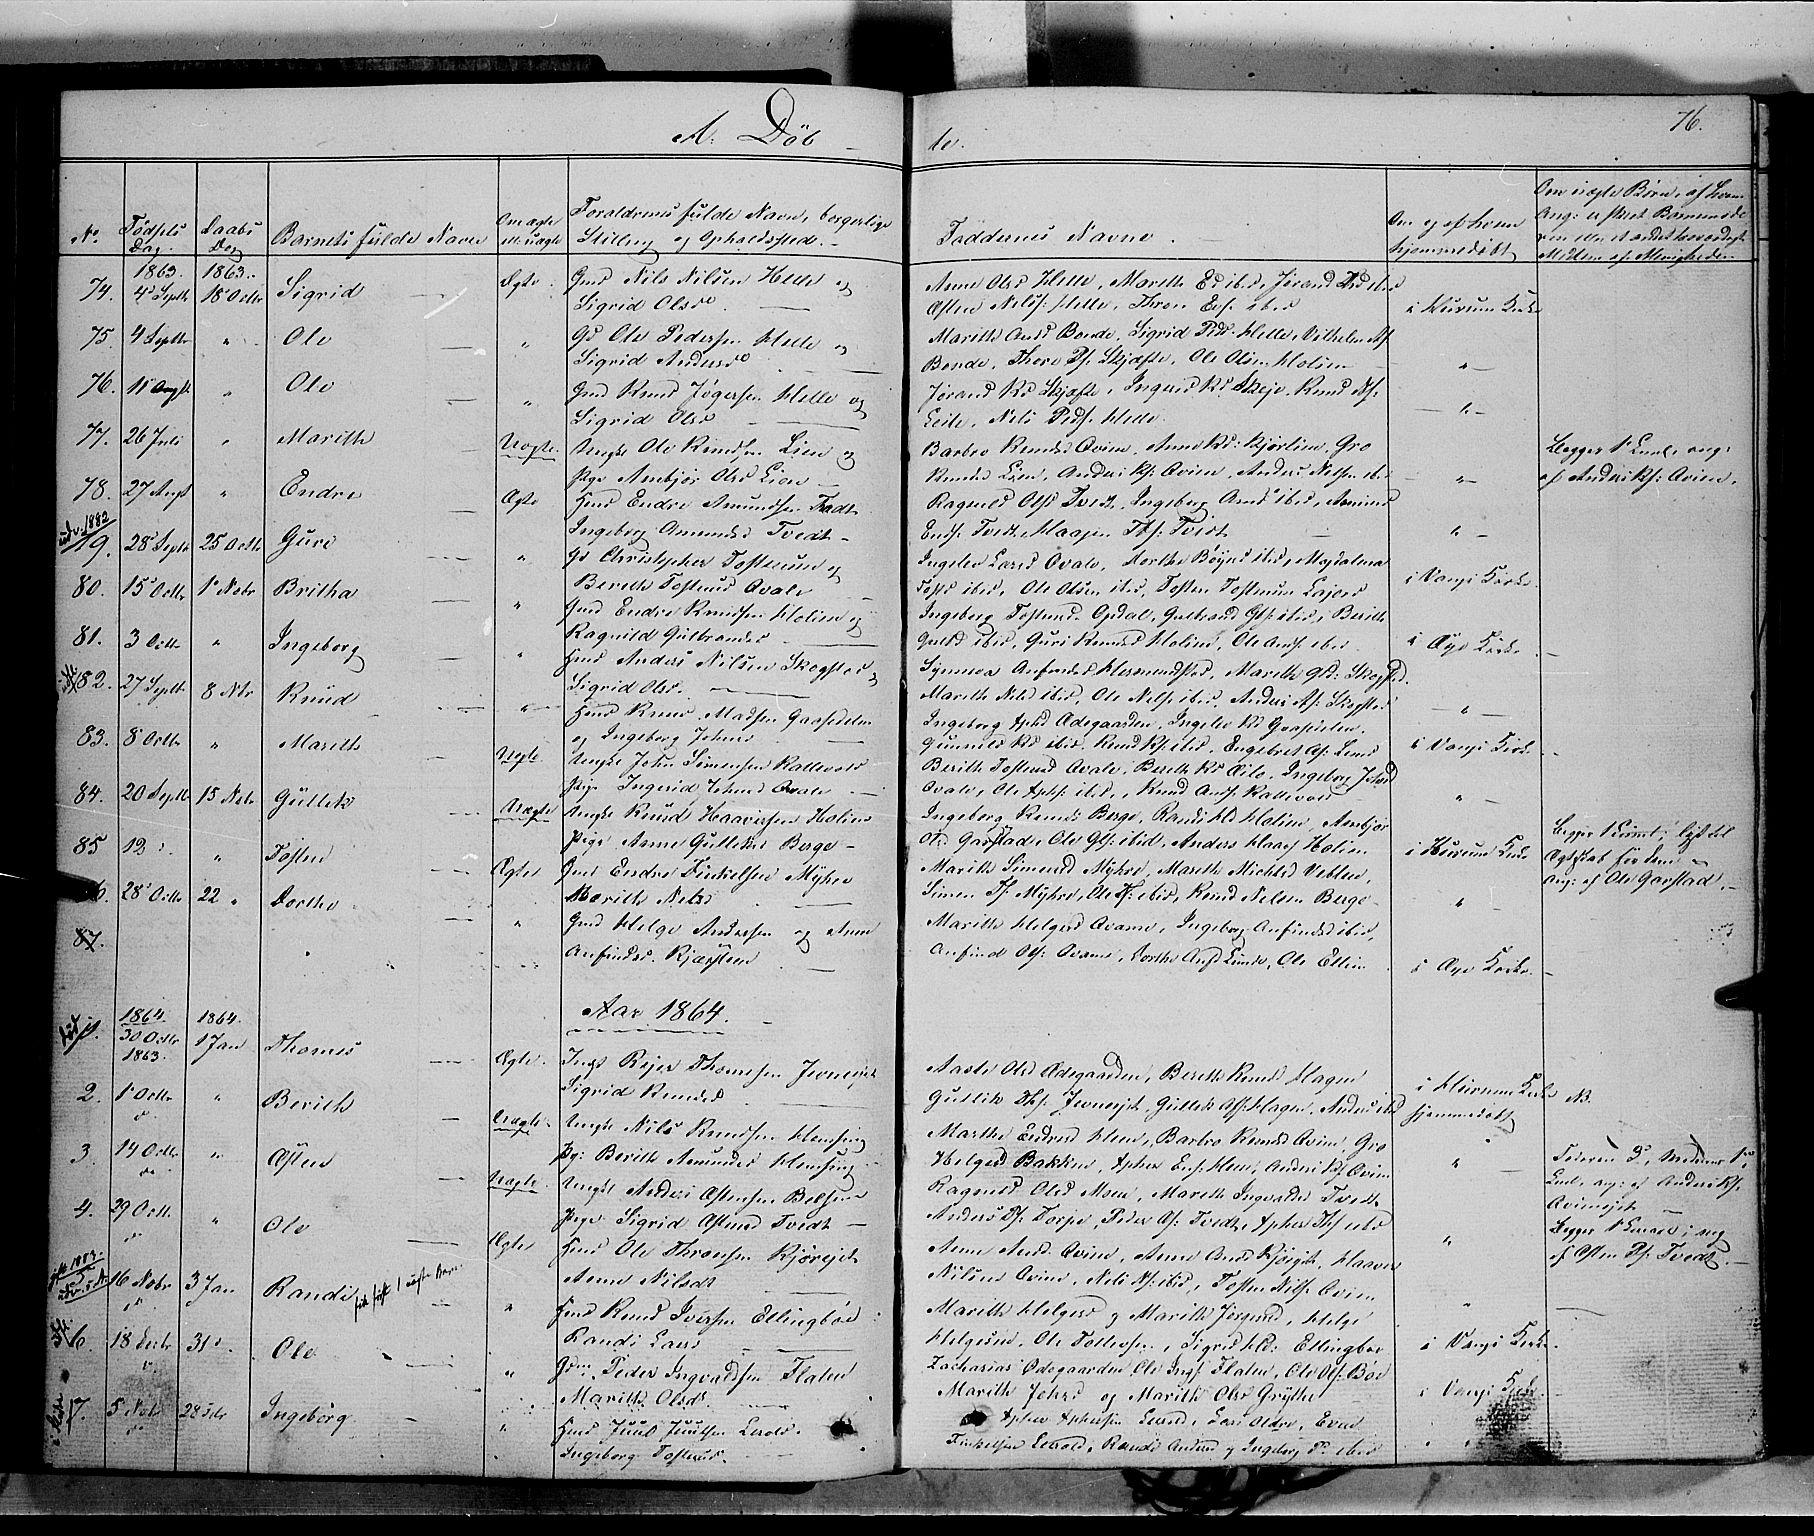 SAH, Vang prestekontor, Valdres, Ministerialbok nr. 6, 1846-1864, s. 76